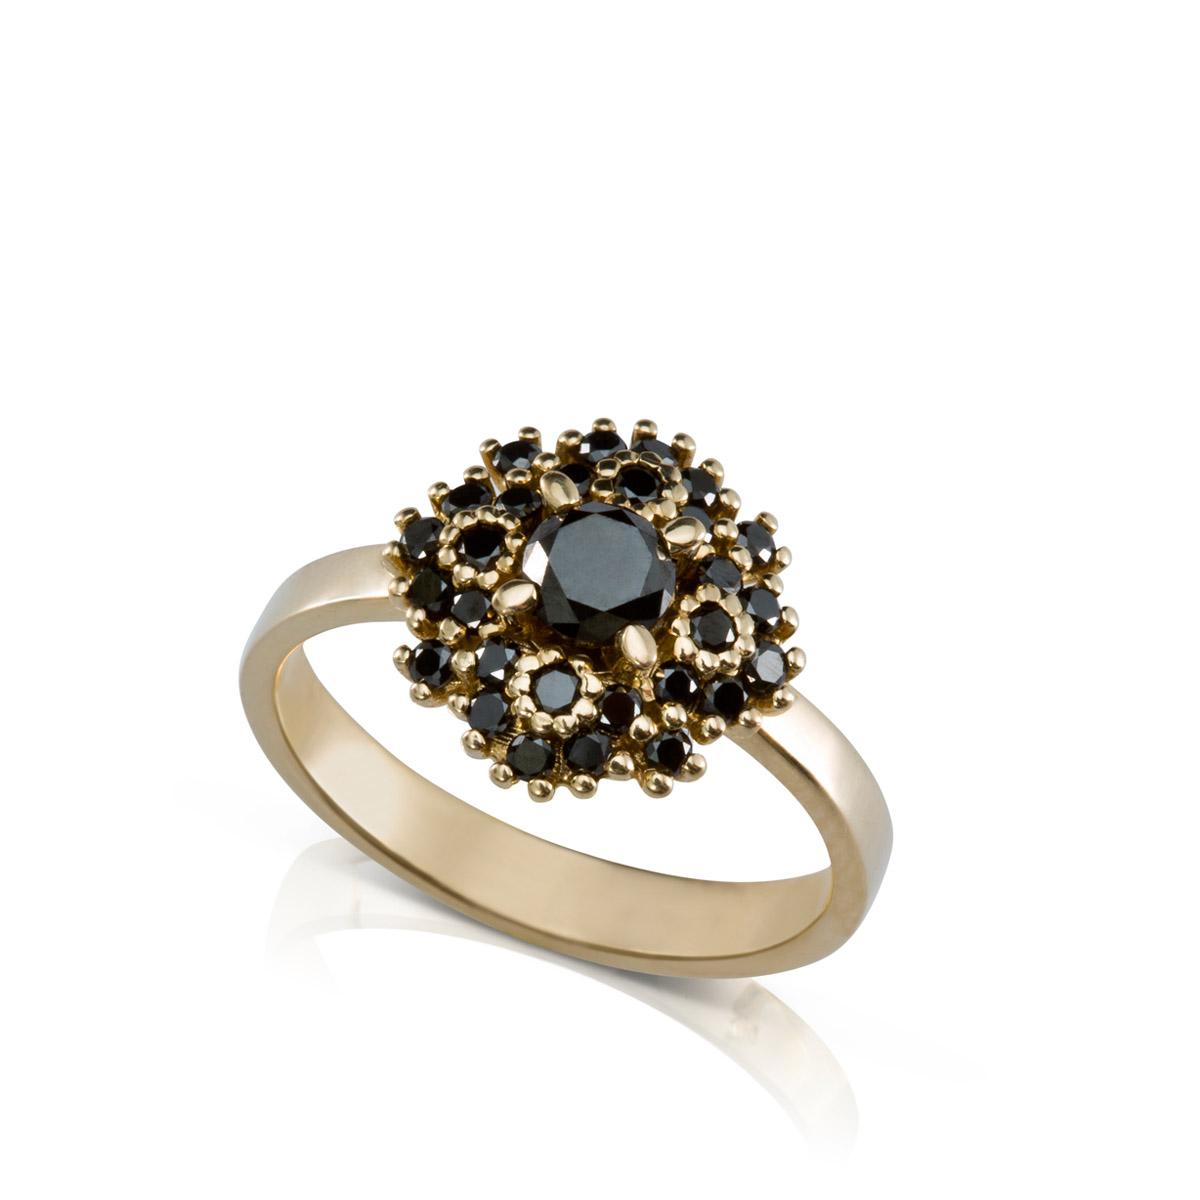 טבעת יהלומים שחורים מרשימה ומיוחדת